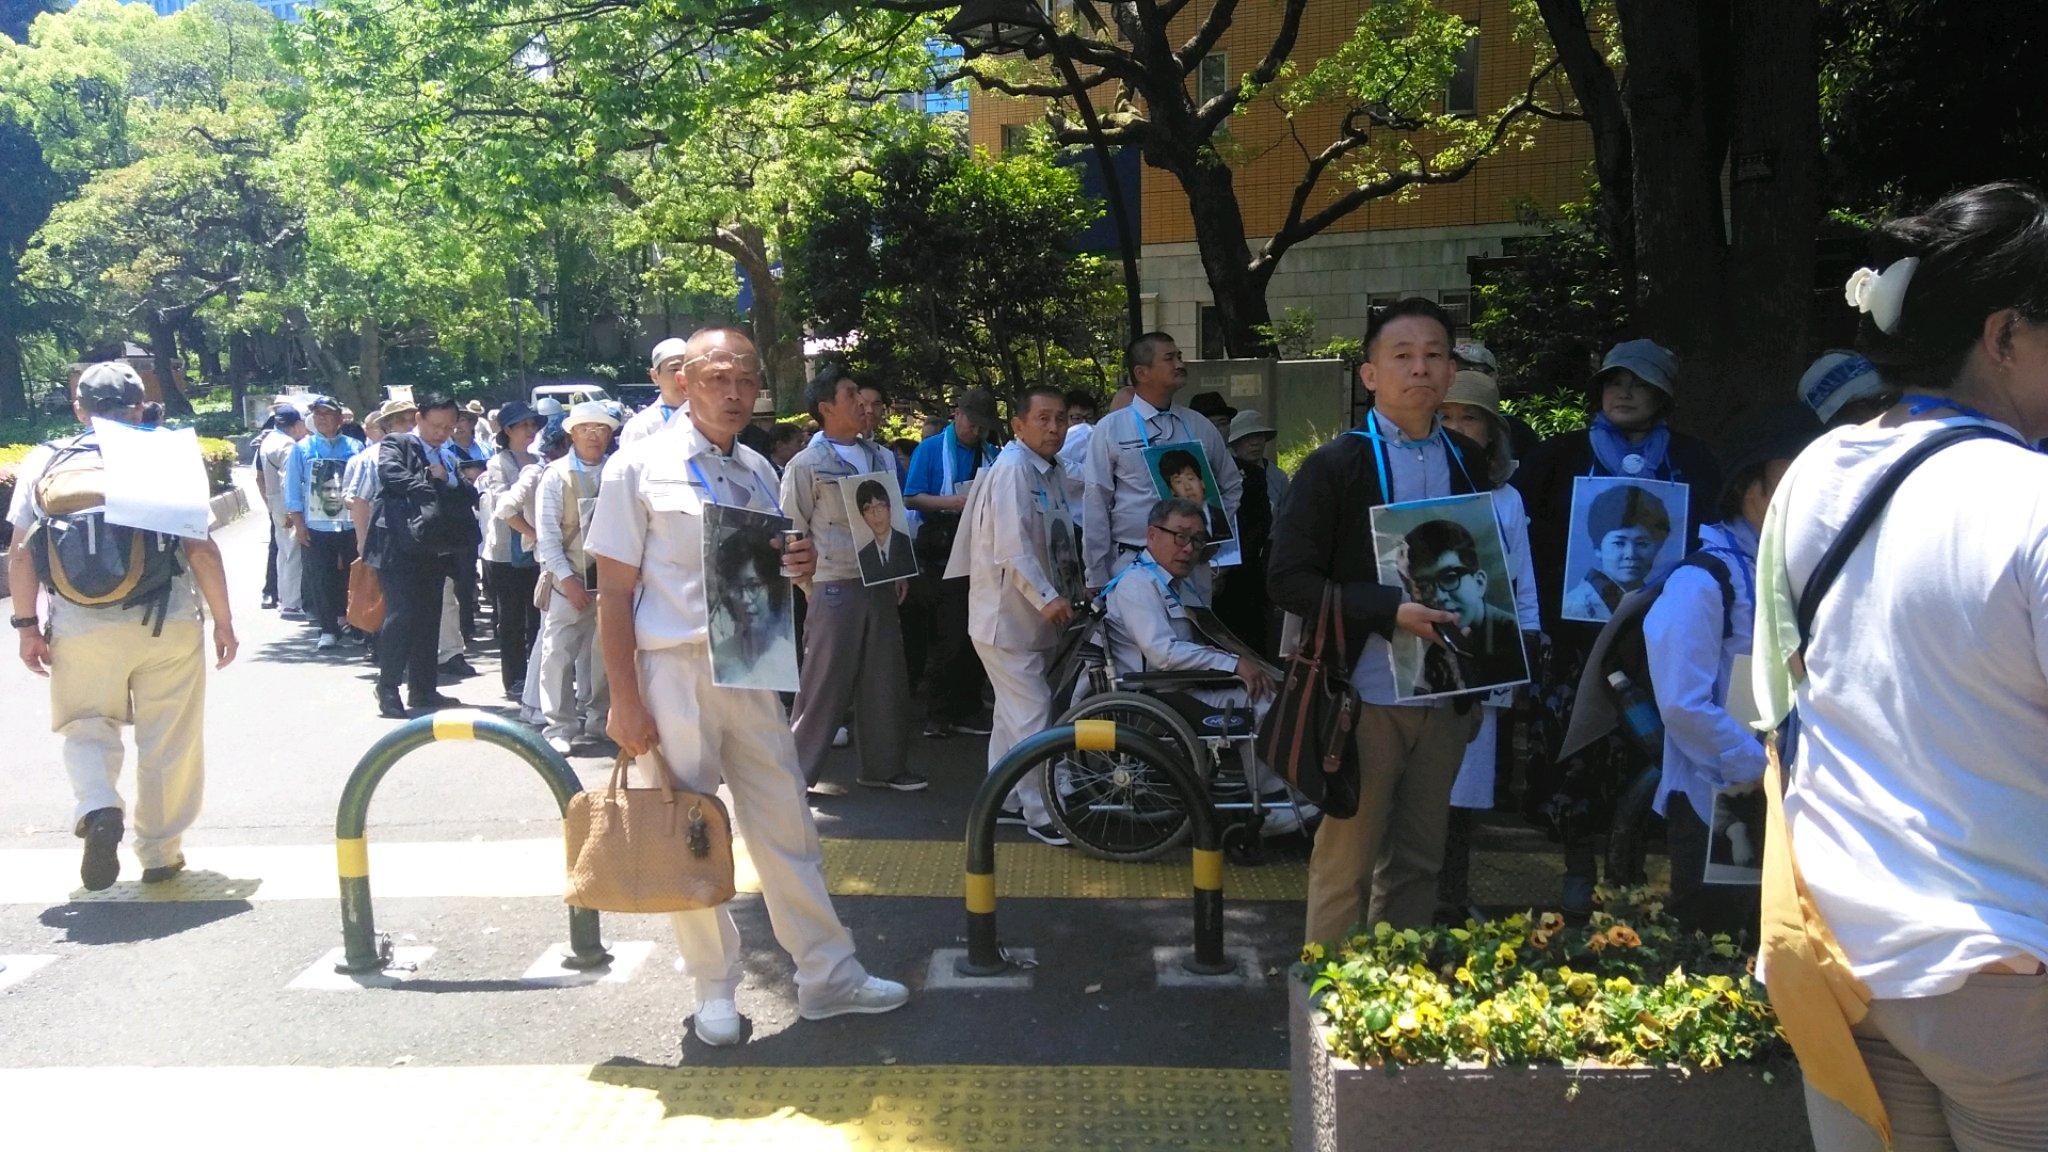 拉致被害者家族と、しおかぜネットワーク、そして調査会の、有志達が、約250名集結し、私は半月板損傷の為、車椅子に乗り、会員の後押しでデモ行進を、只今出発する所です。目指せ、国会議事堂